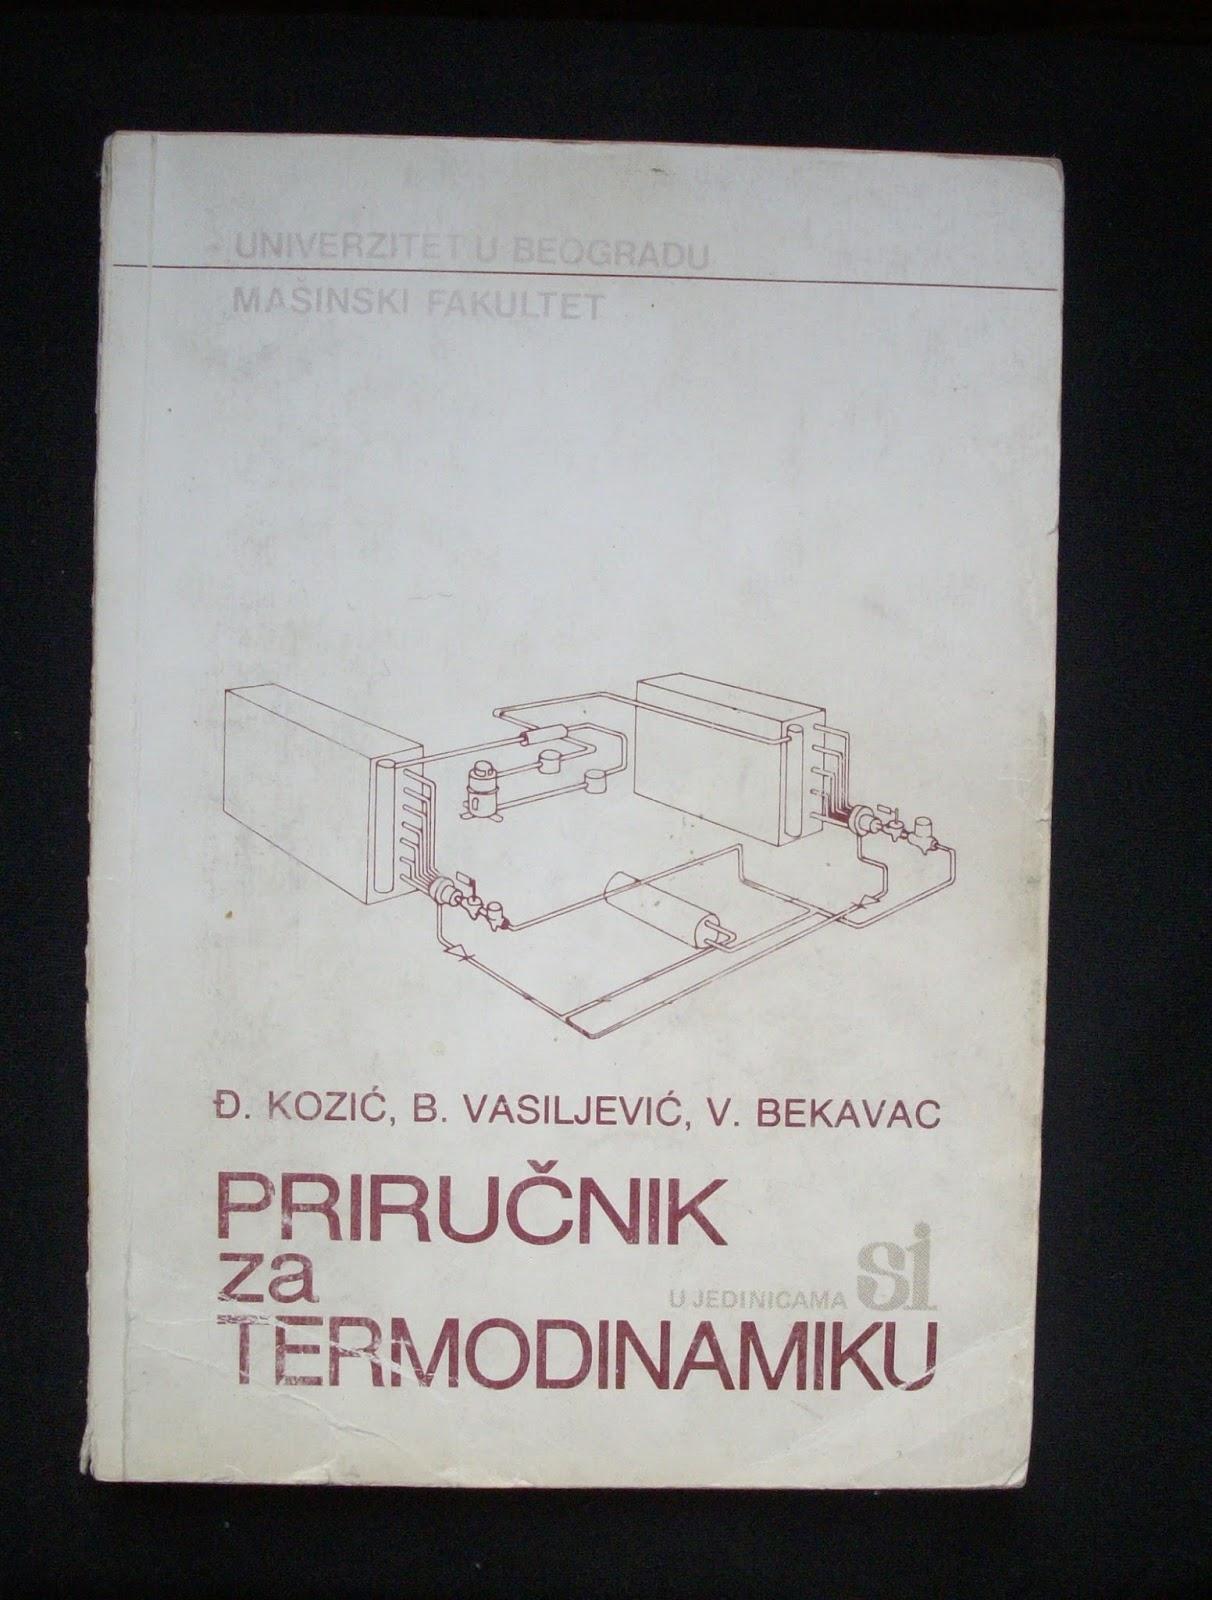 PRIRUCNIK ZA TERMODINAMIKU EPUB